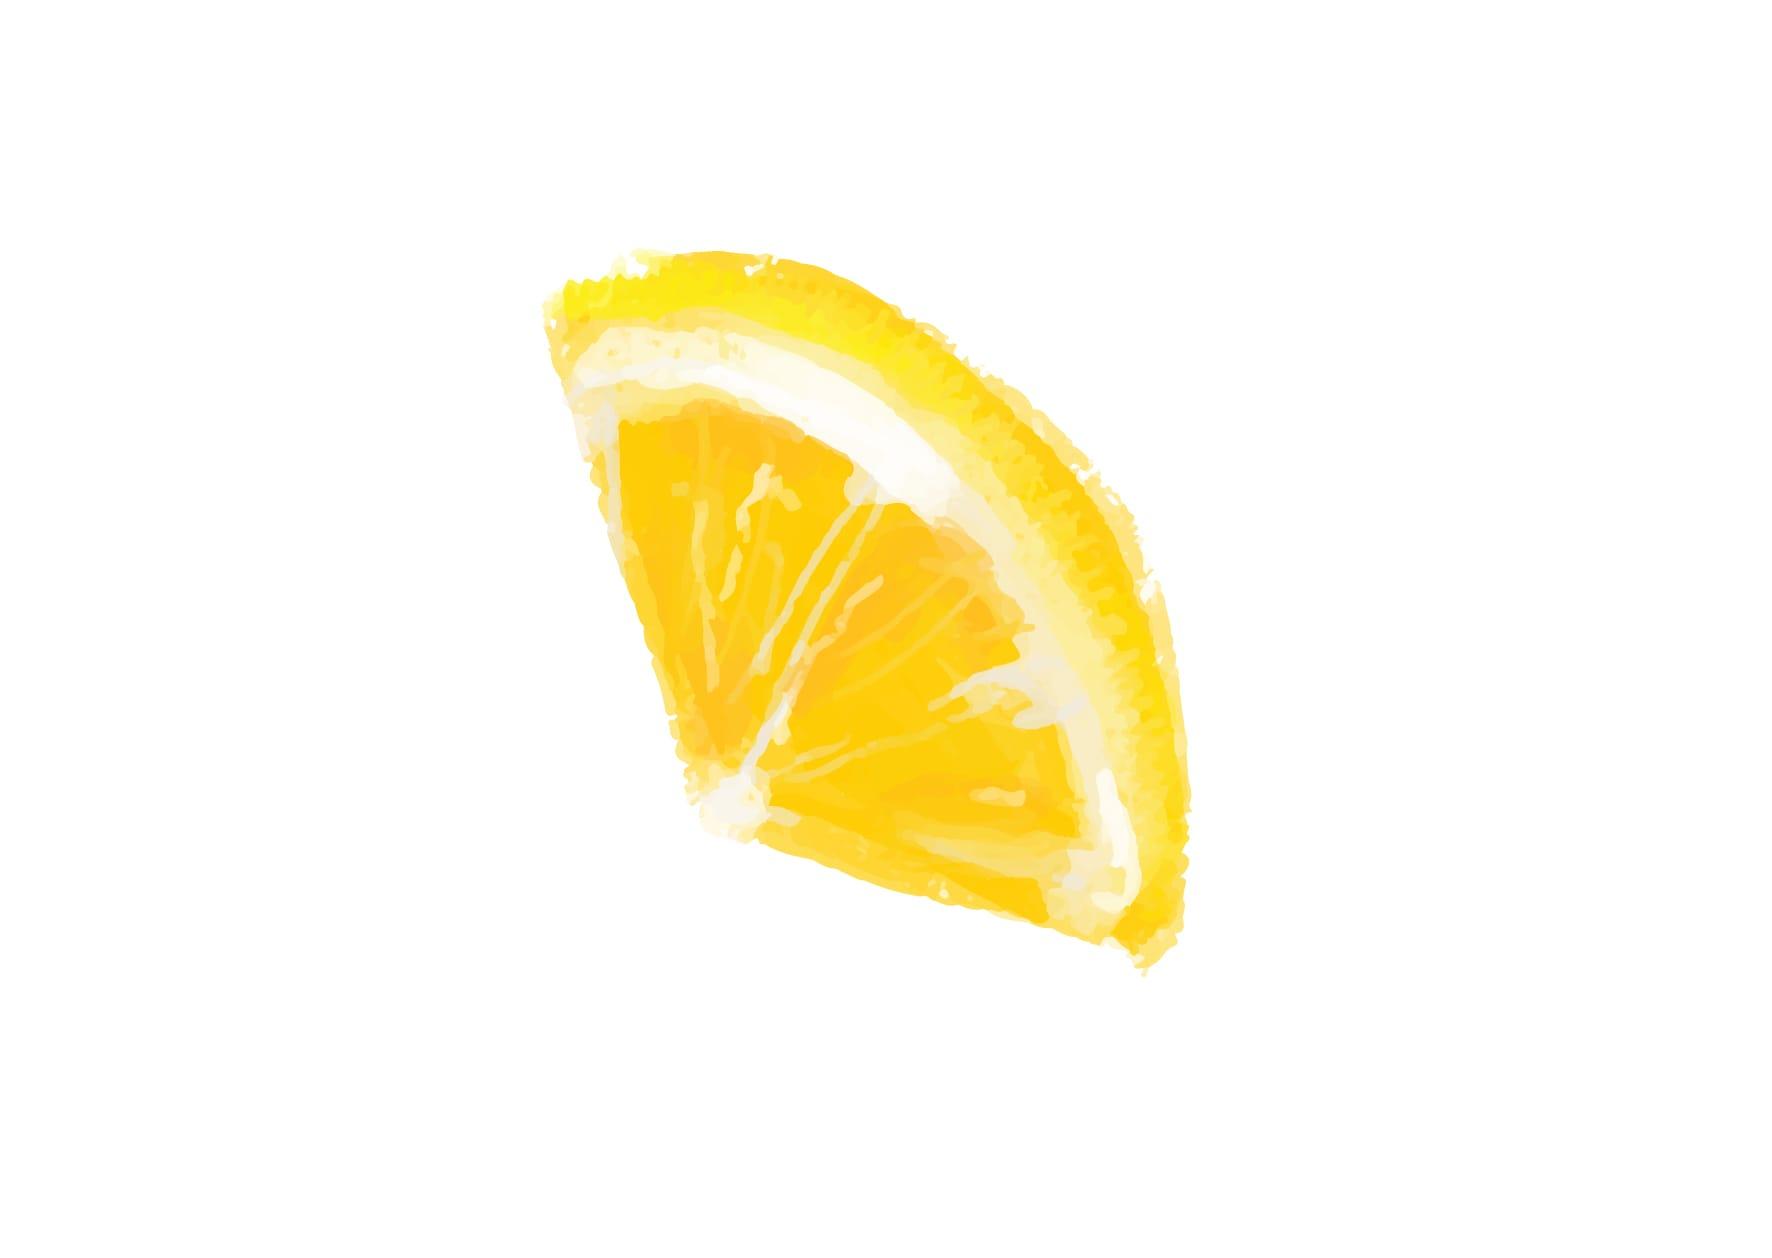 おしゃれなイラスト|手書き オレンジ 1つ2